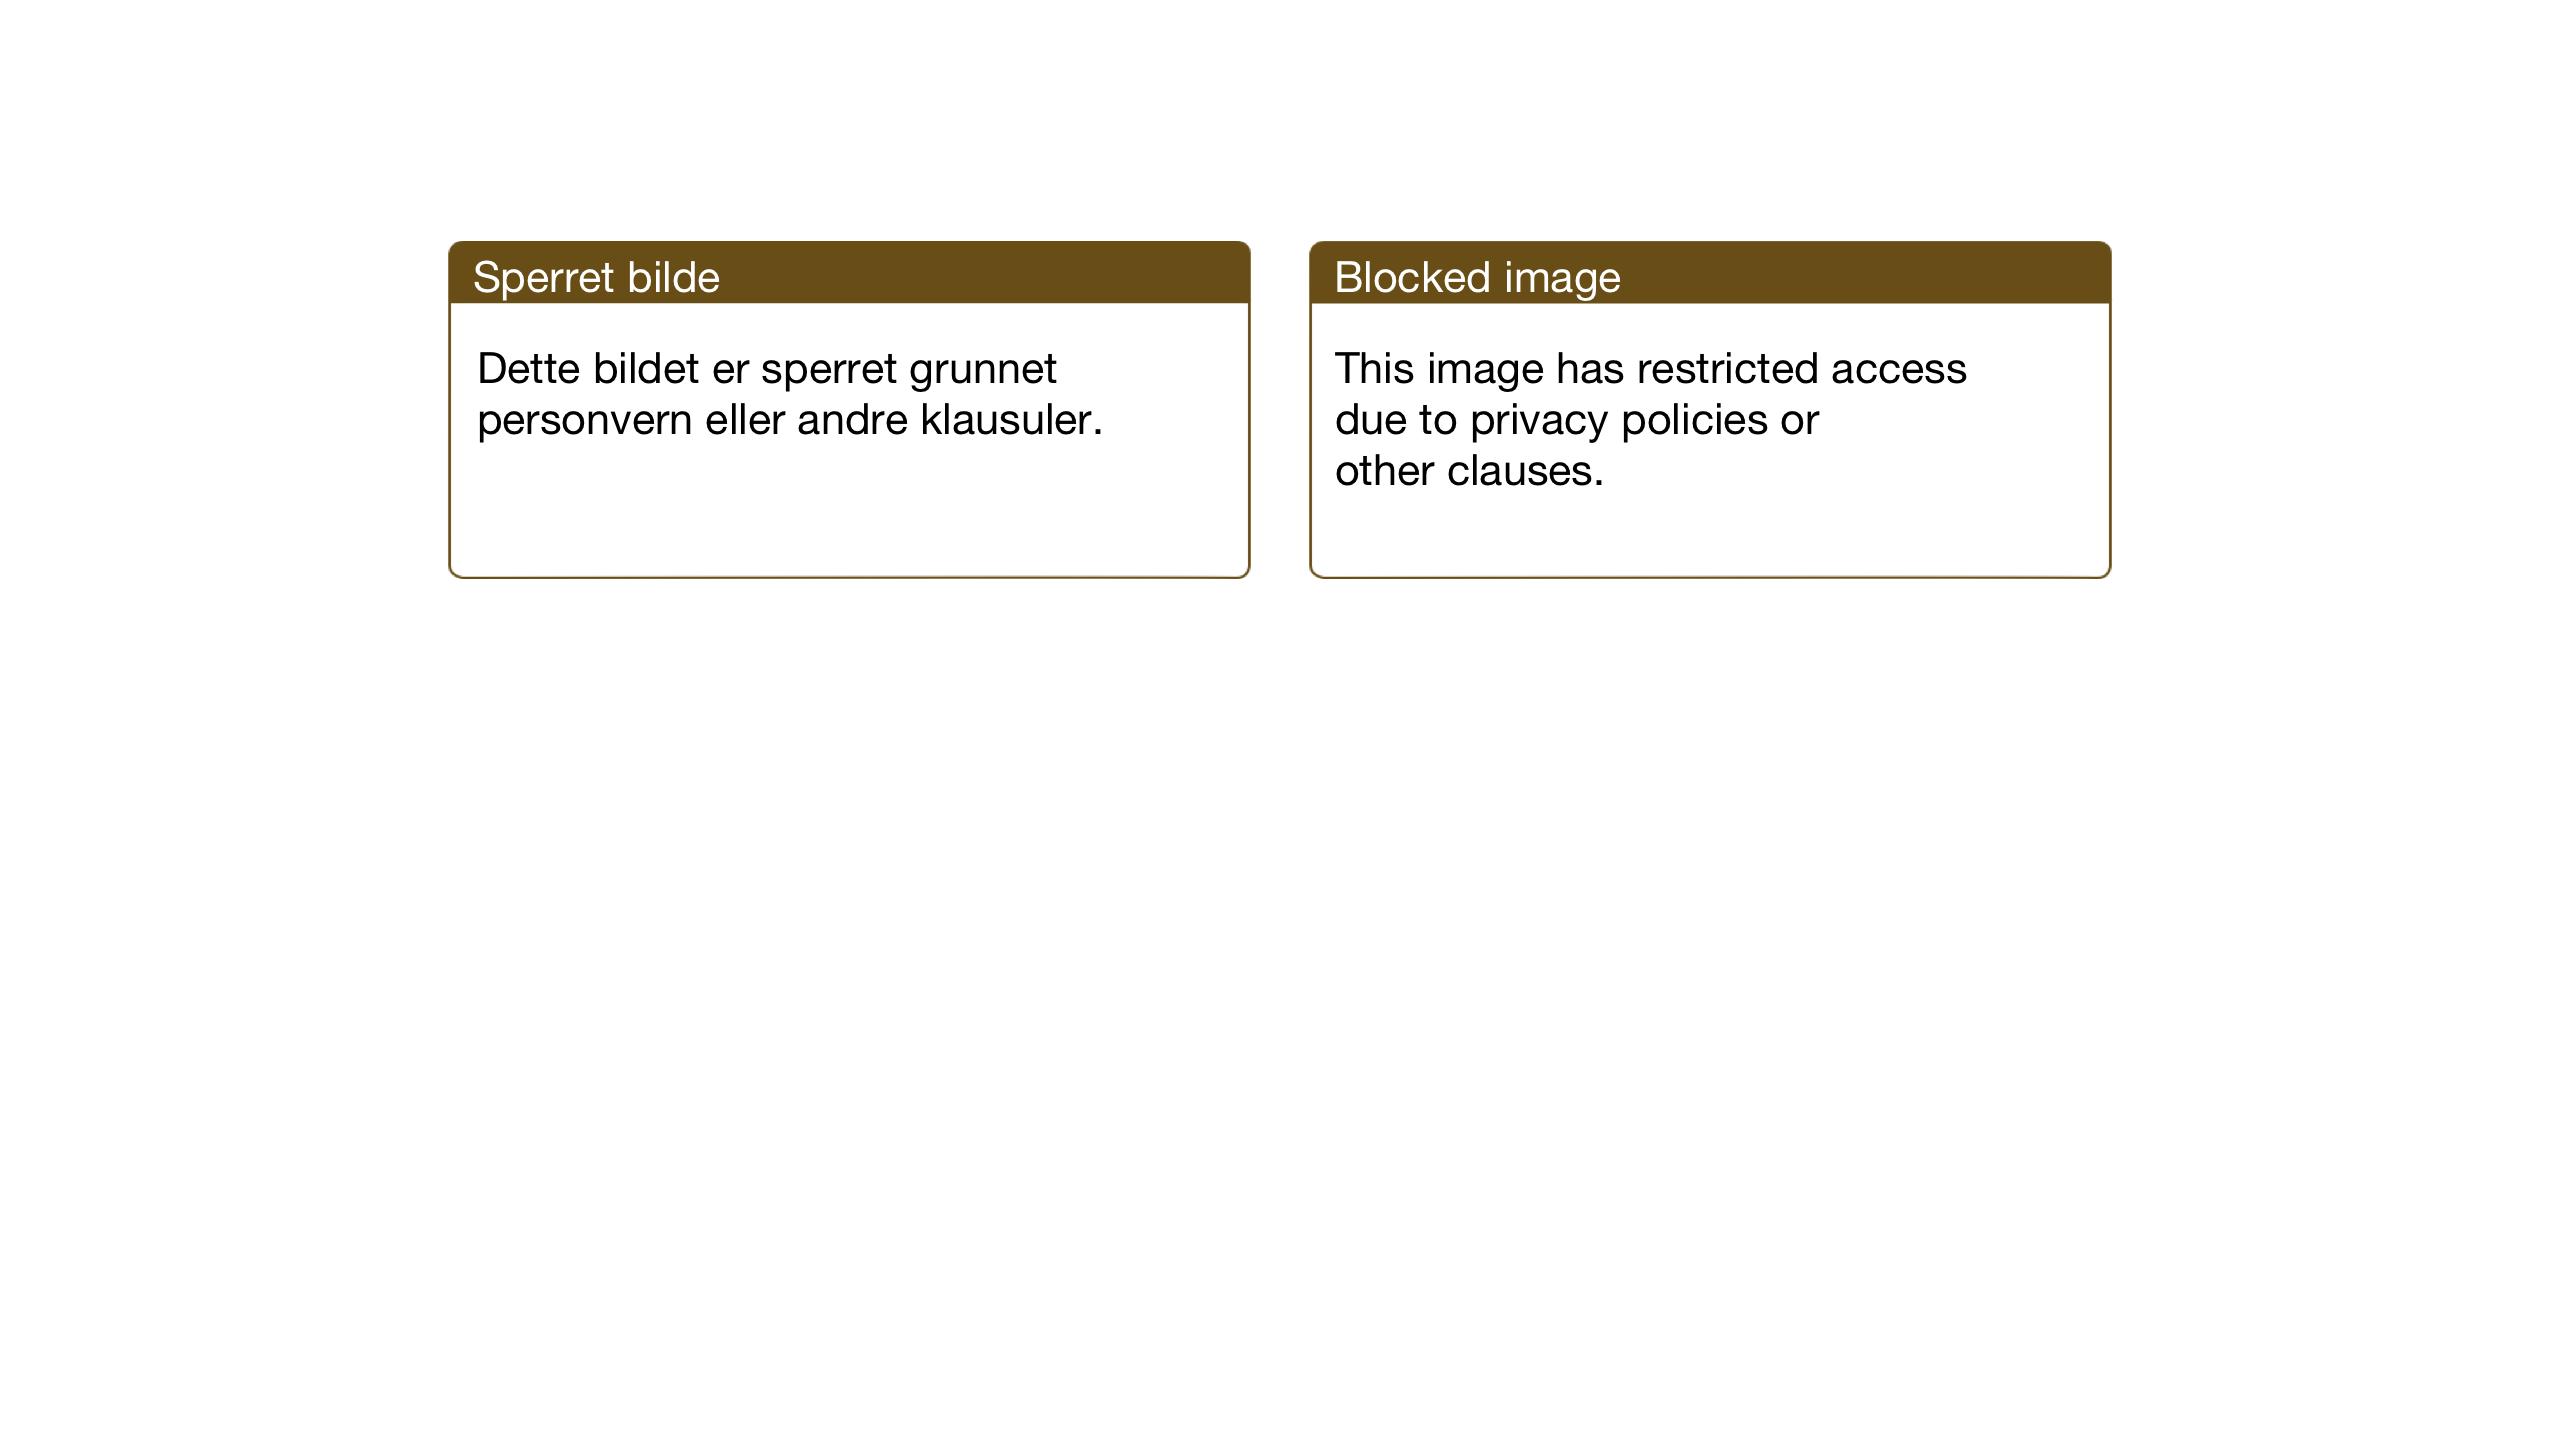 SAT, Ministerialprotokoller, klokkerbøker og fødselsregistre - Sør-Trøndelag, 674/L0877: Klokkerbok nr. 674C04, 1913-1940, s. 65